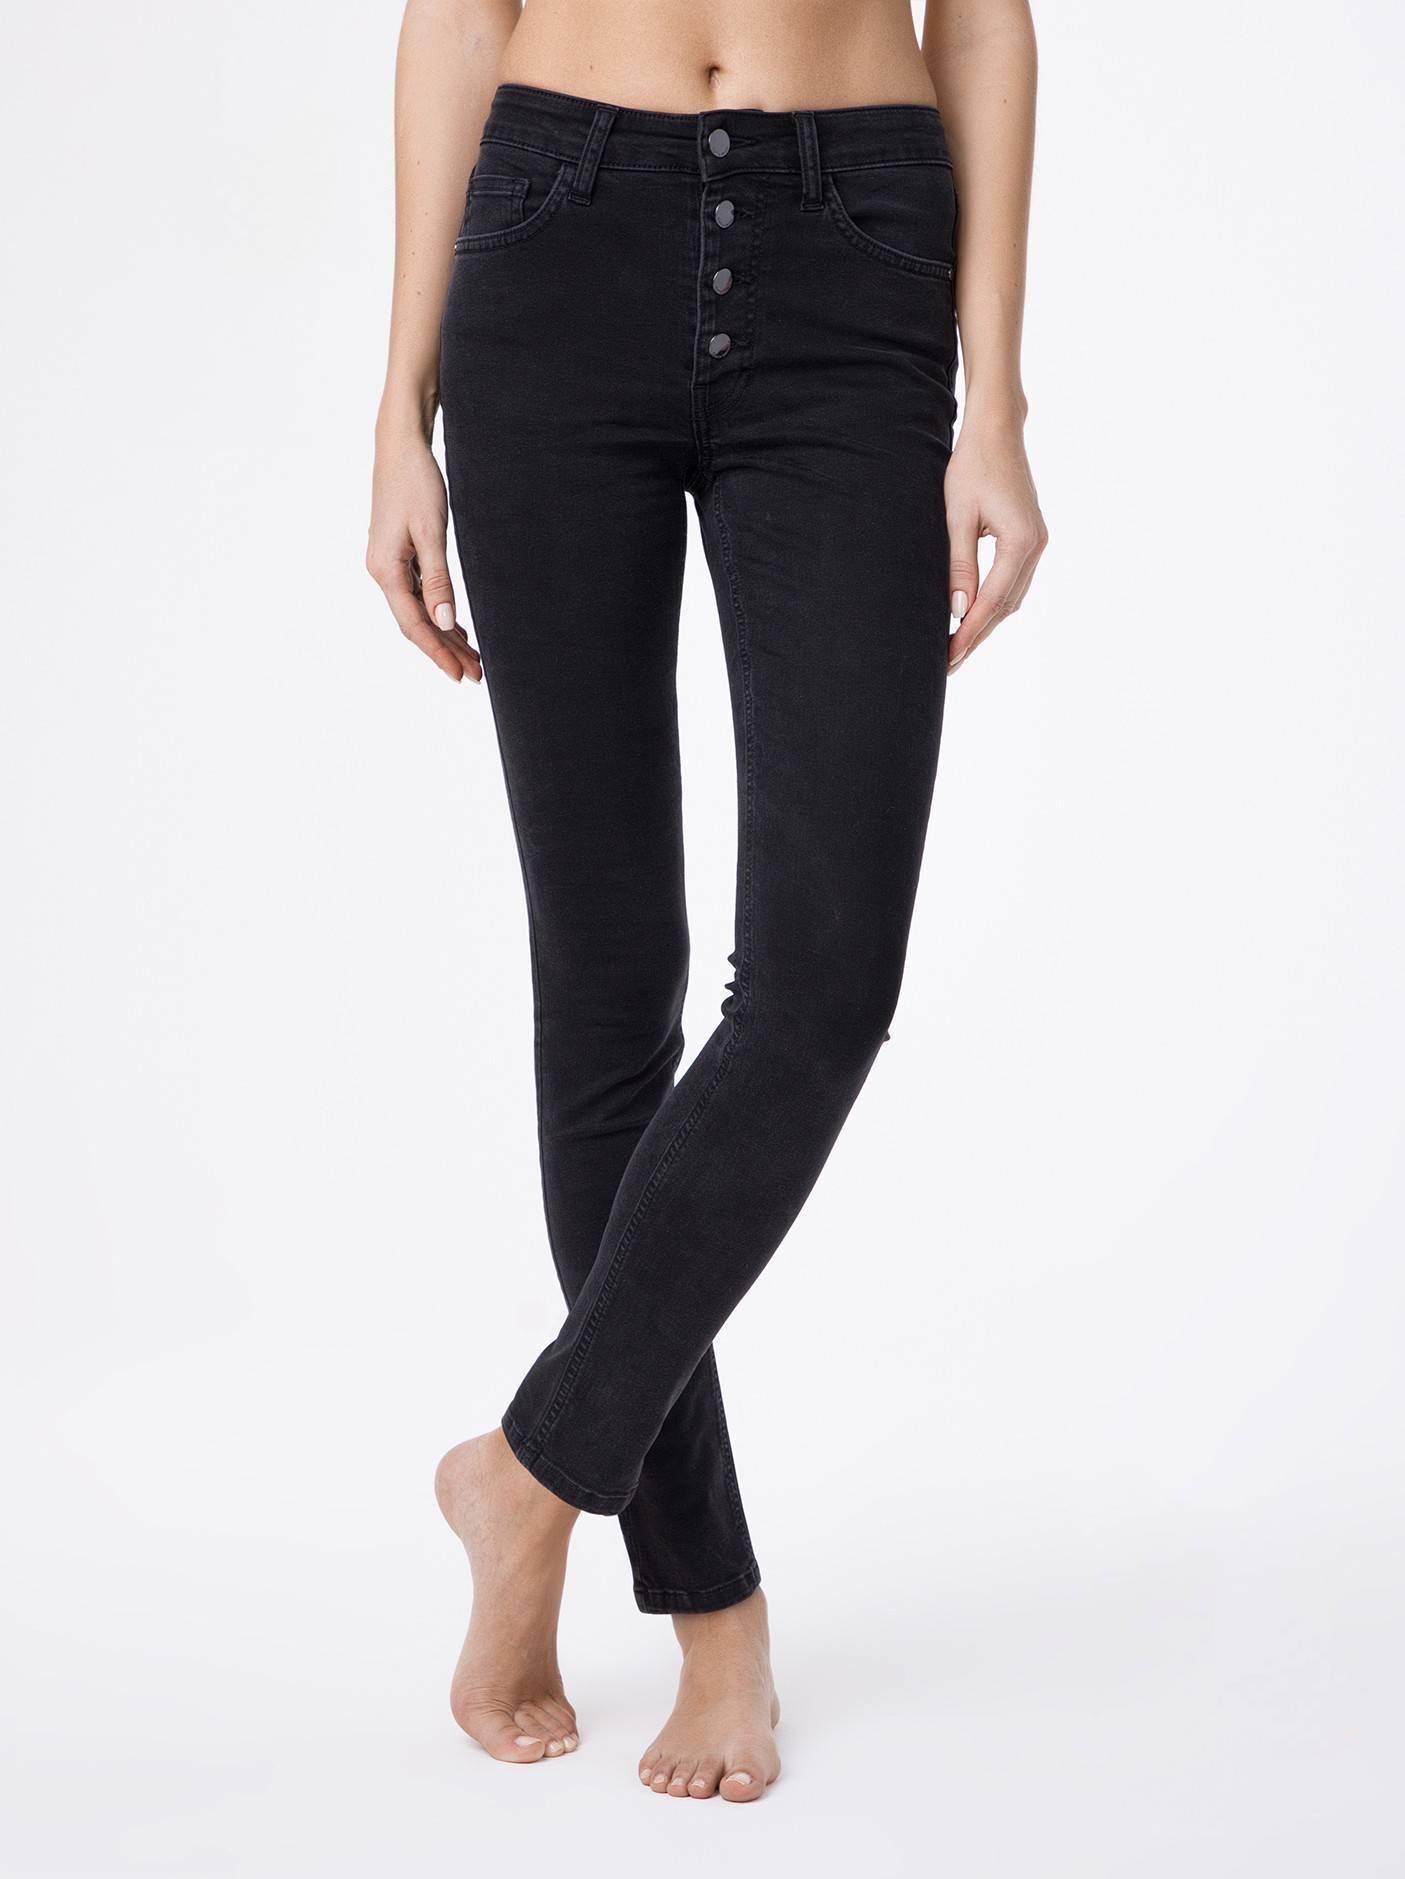 Брюки джинсовые женские ⭐️ Моделирующие eco-friendly джинсы с высокой посадкой CON-120 ⭐️